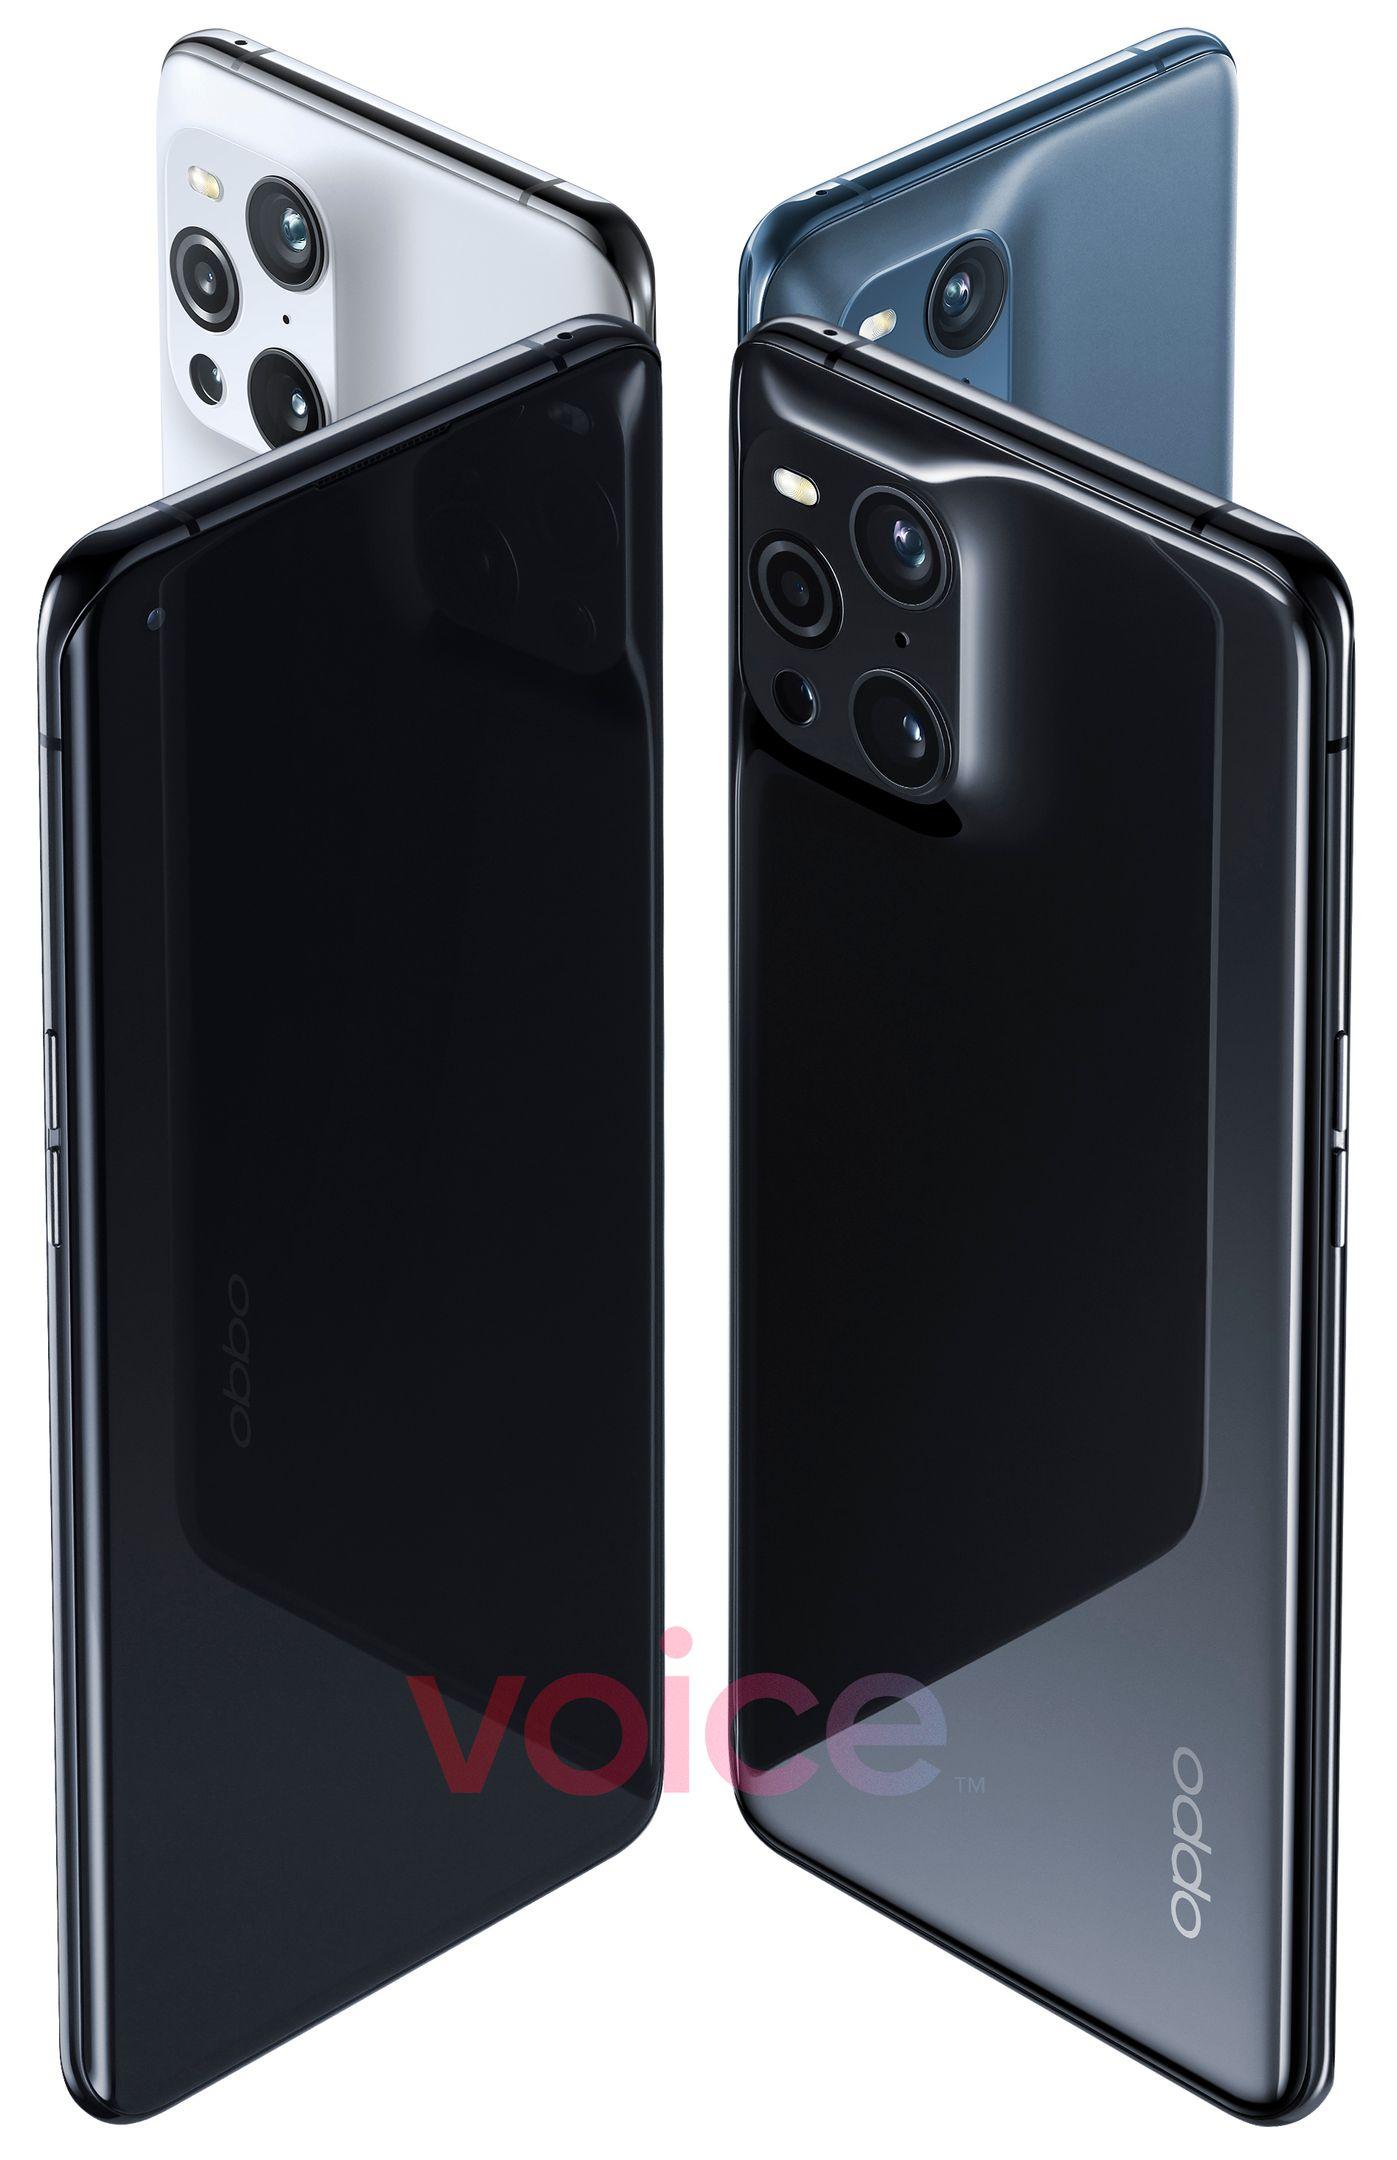 OPPO FIND X3 Pro 官方渲染图曝光,镜头排列疑似撞脸 iPhone 12 Pro,预计 2021 年第一季度发布? 4